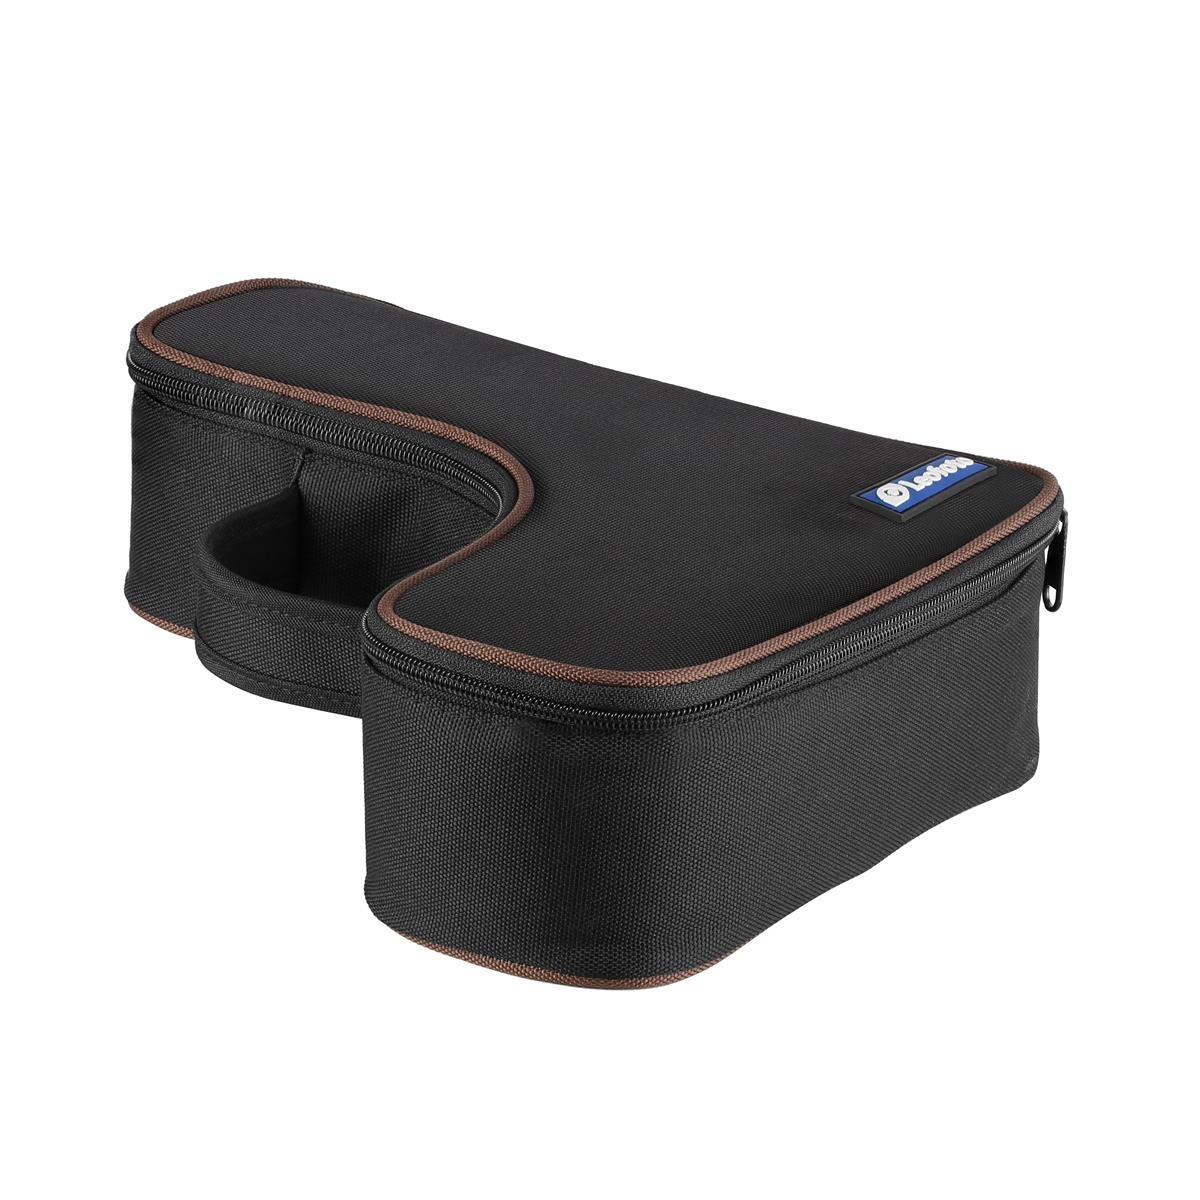 Leofoto Tasche für PG-1 Gimbal Head